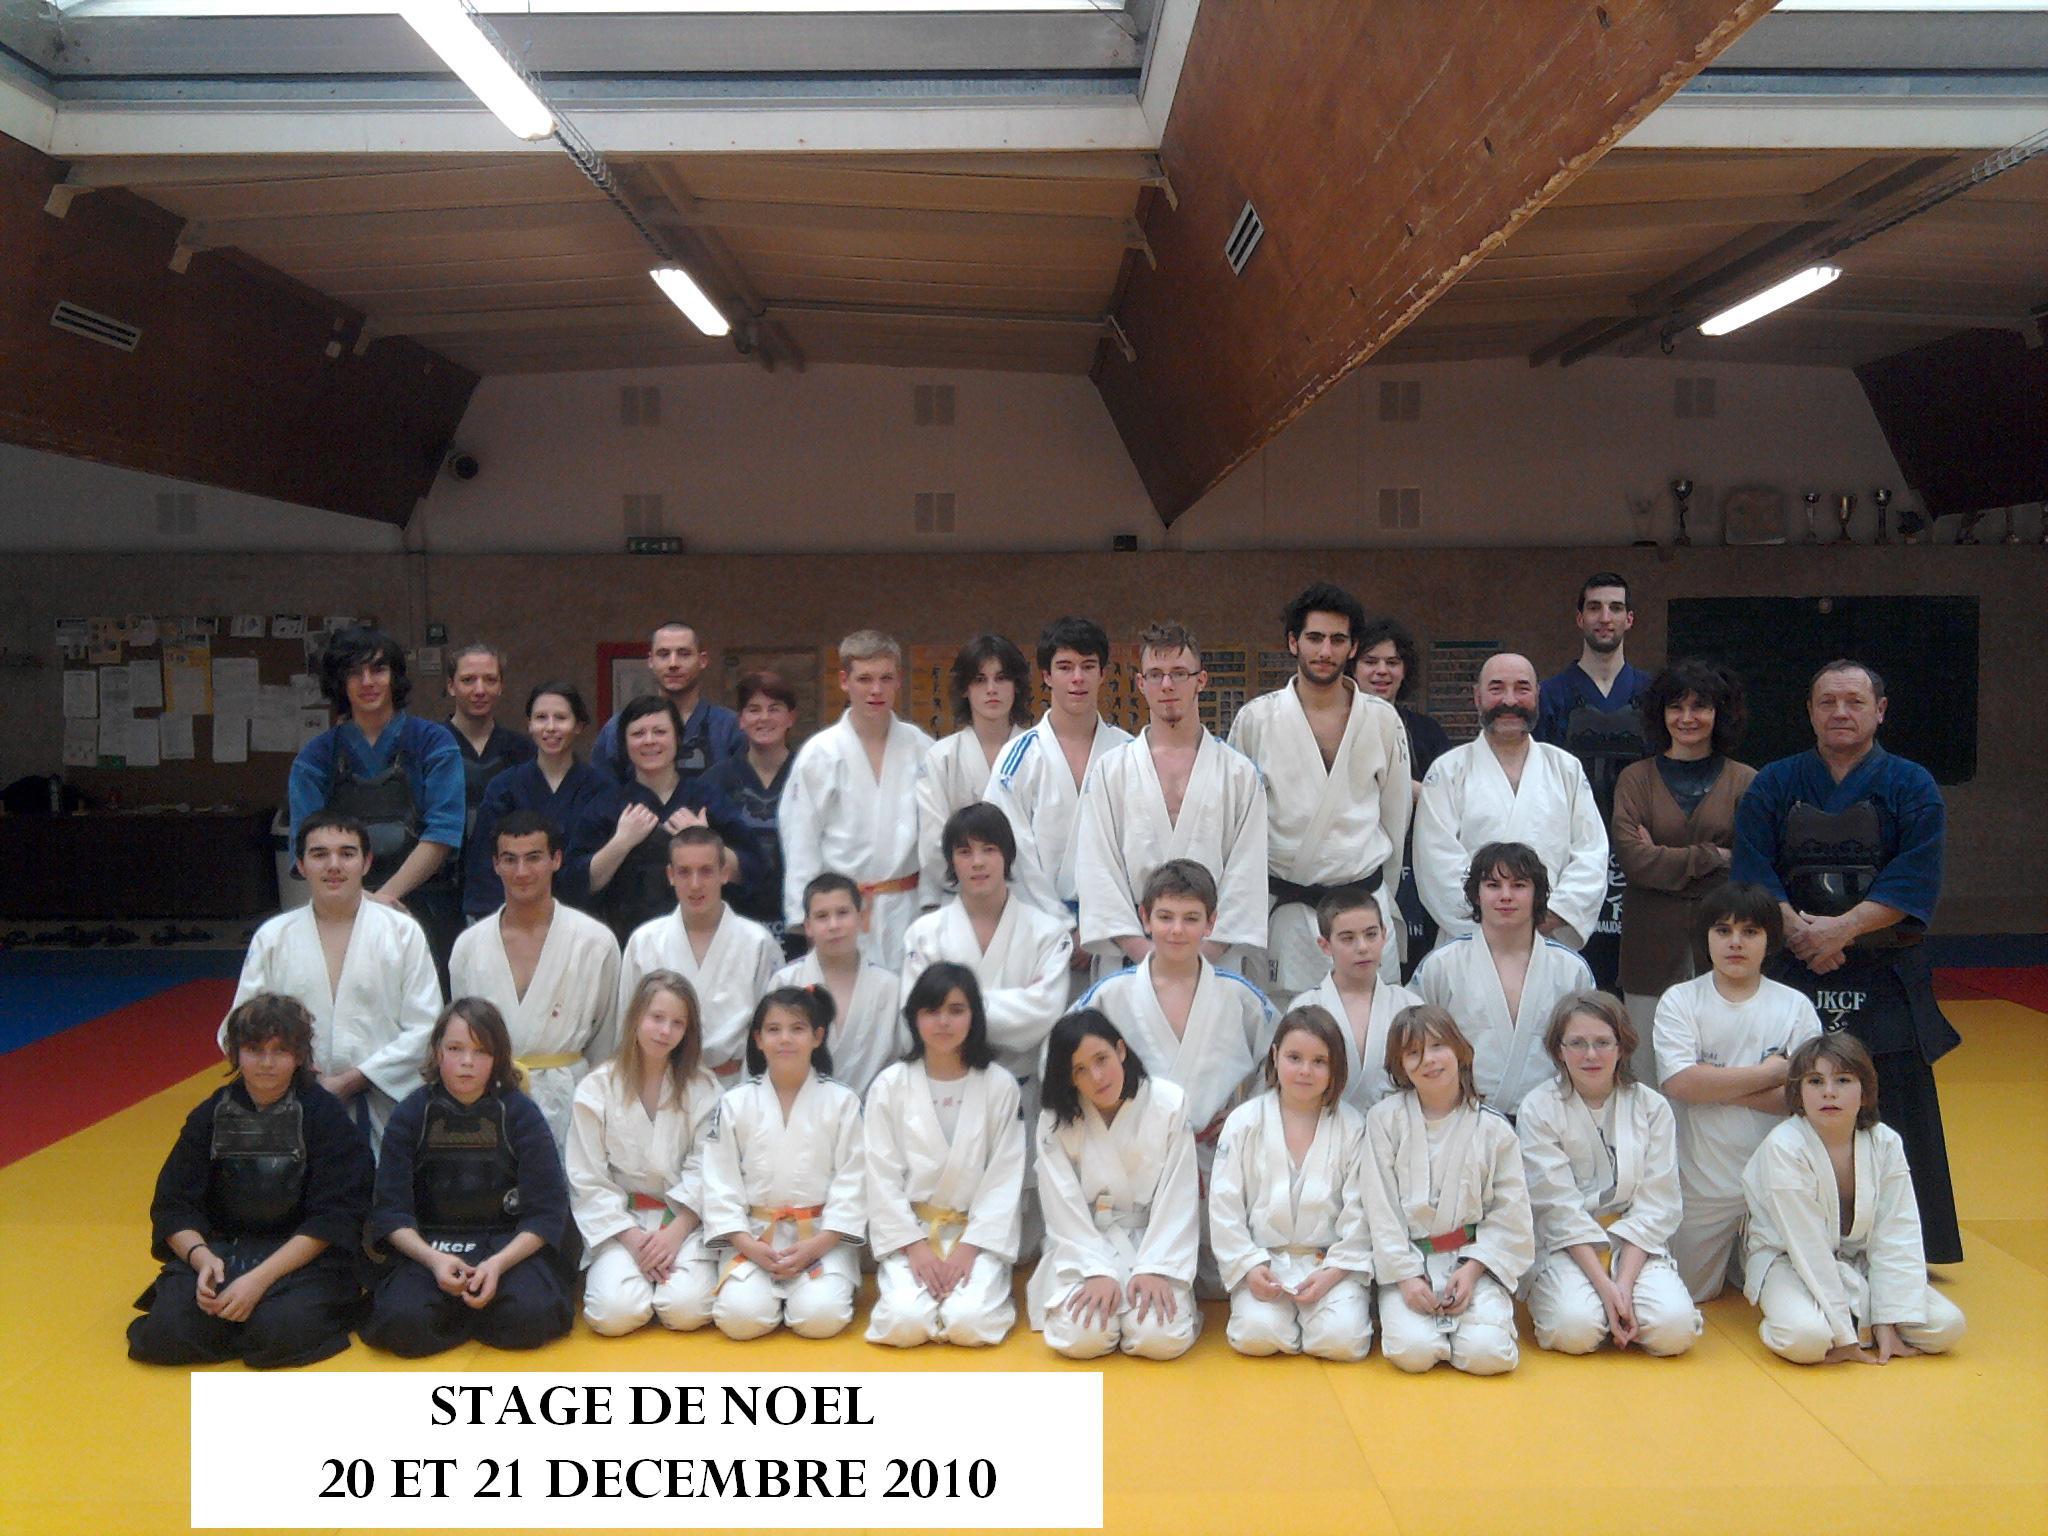 STAGE DE NOEL 2010